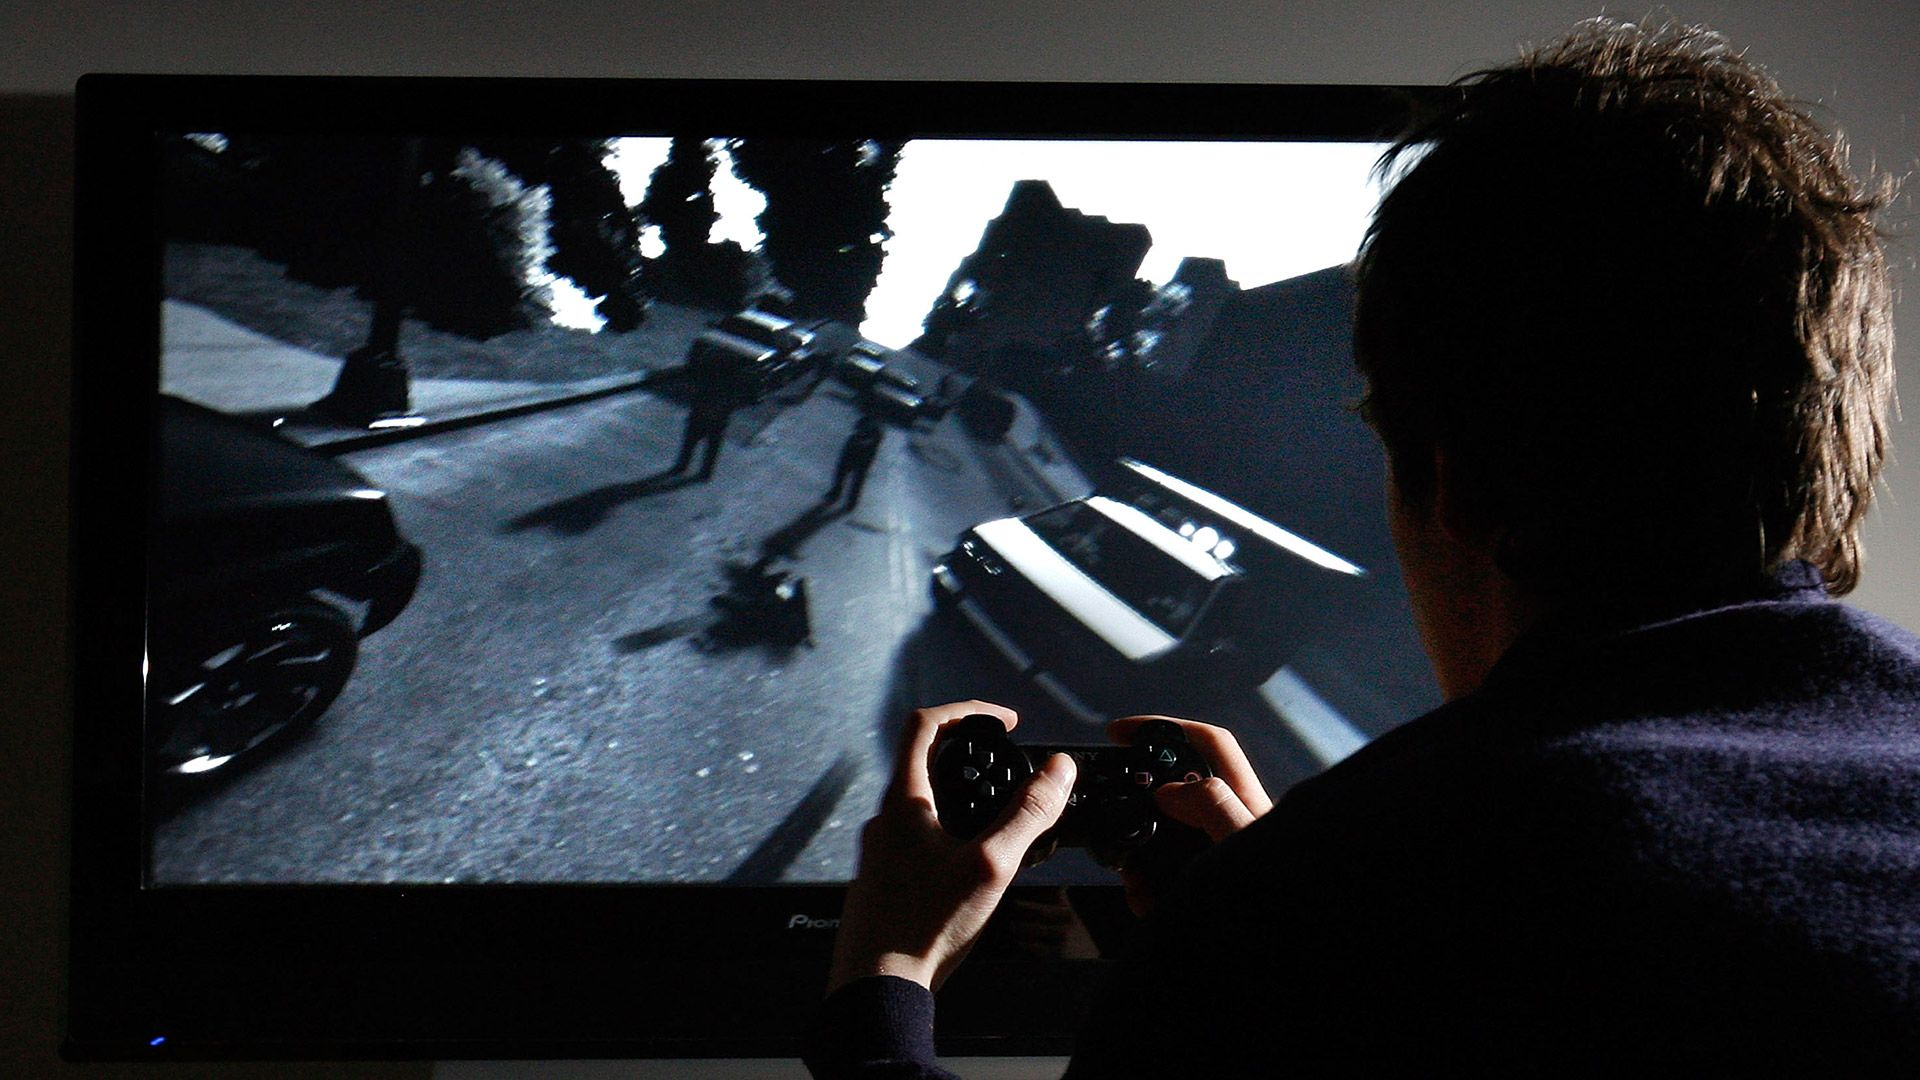 Menor de 15 años sufre derrame cerebral por jugar videojuegos 22 horas diarias